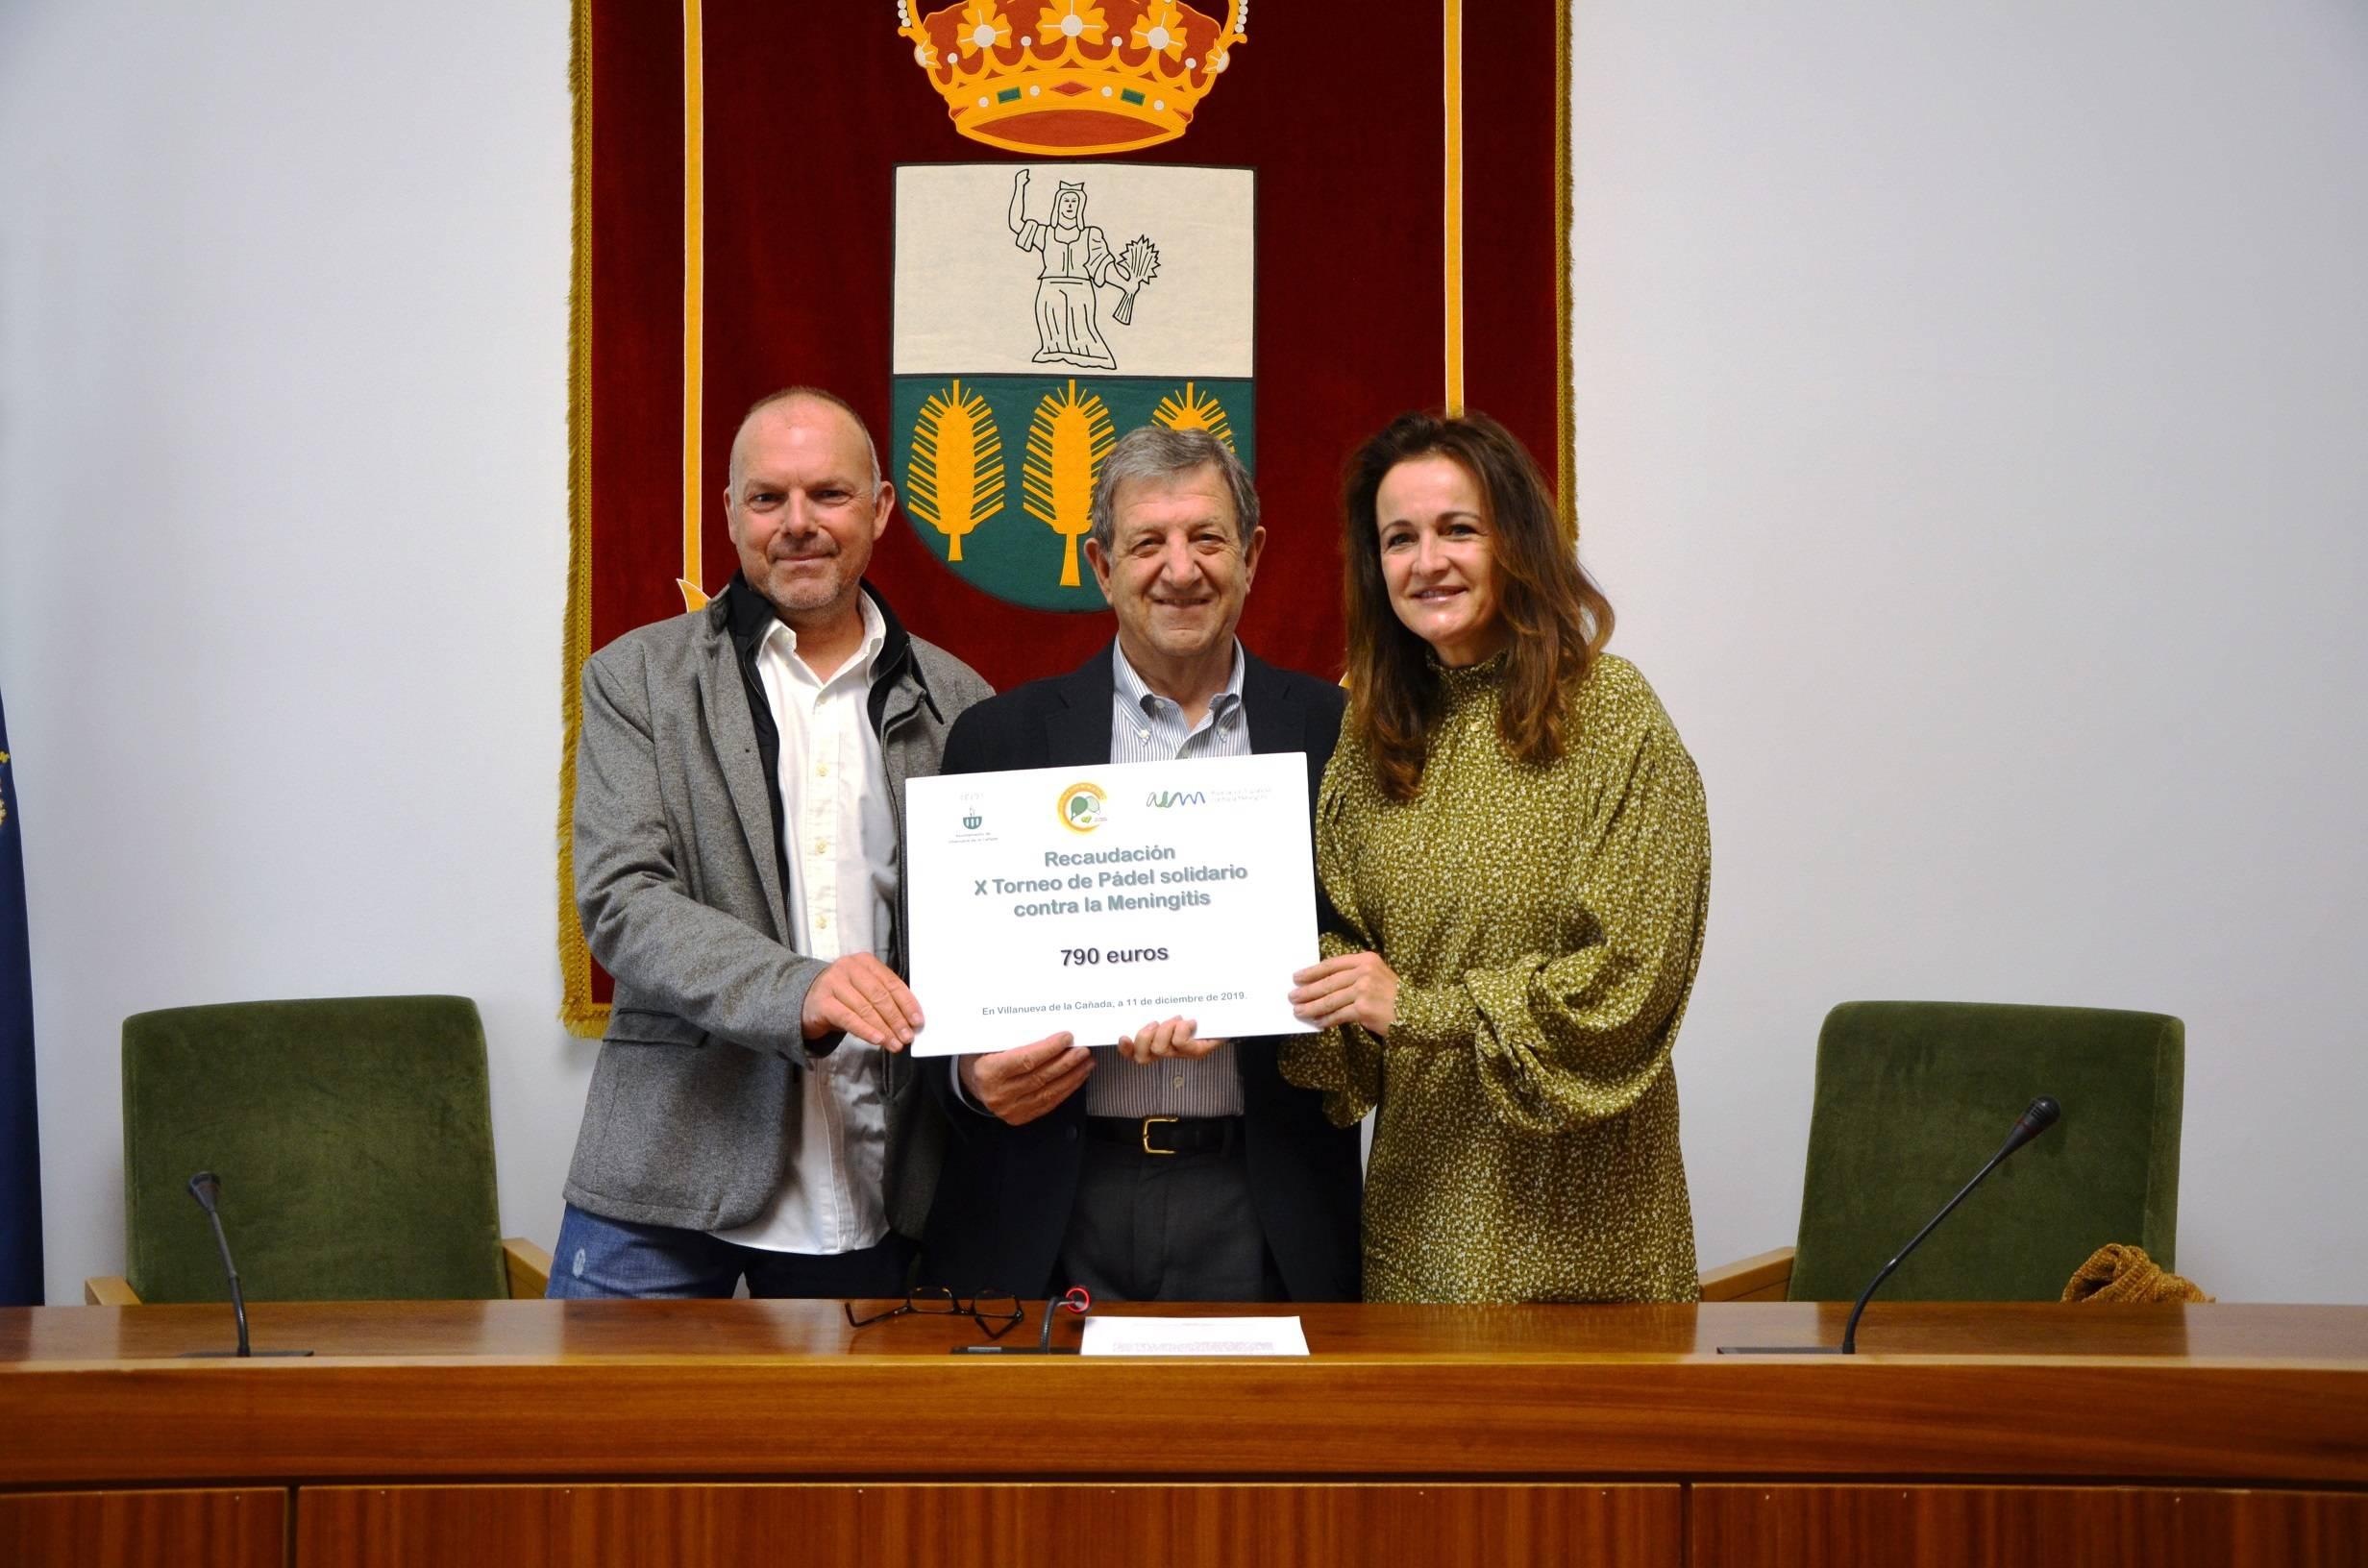 El alcalde, Luis Partida, el presidente del Club de Pádel villanovense, Tomás de Prada y la vicepresidenta de la Asociación Española contra la Meningitis, Elena Moya.